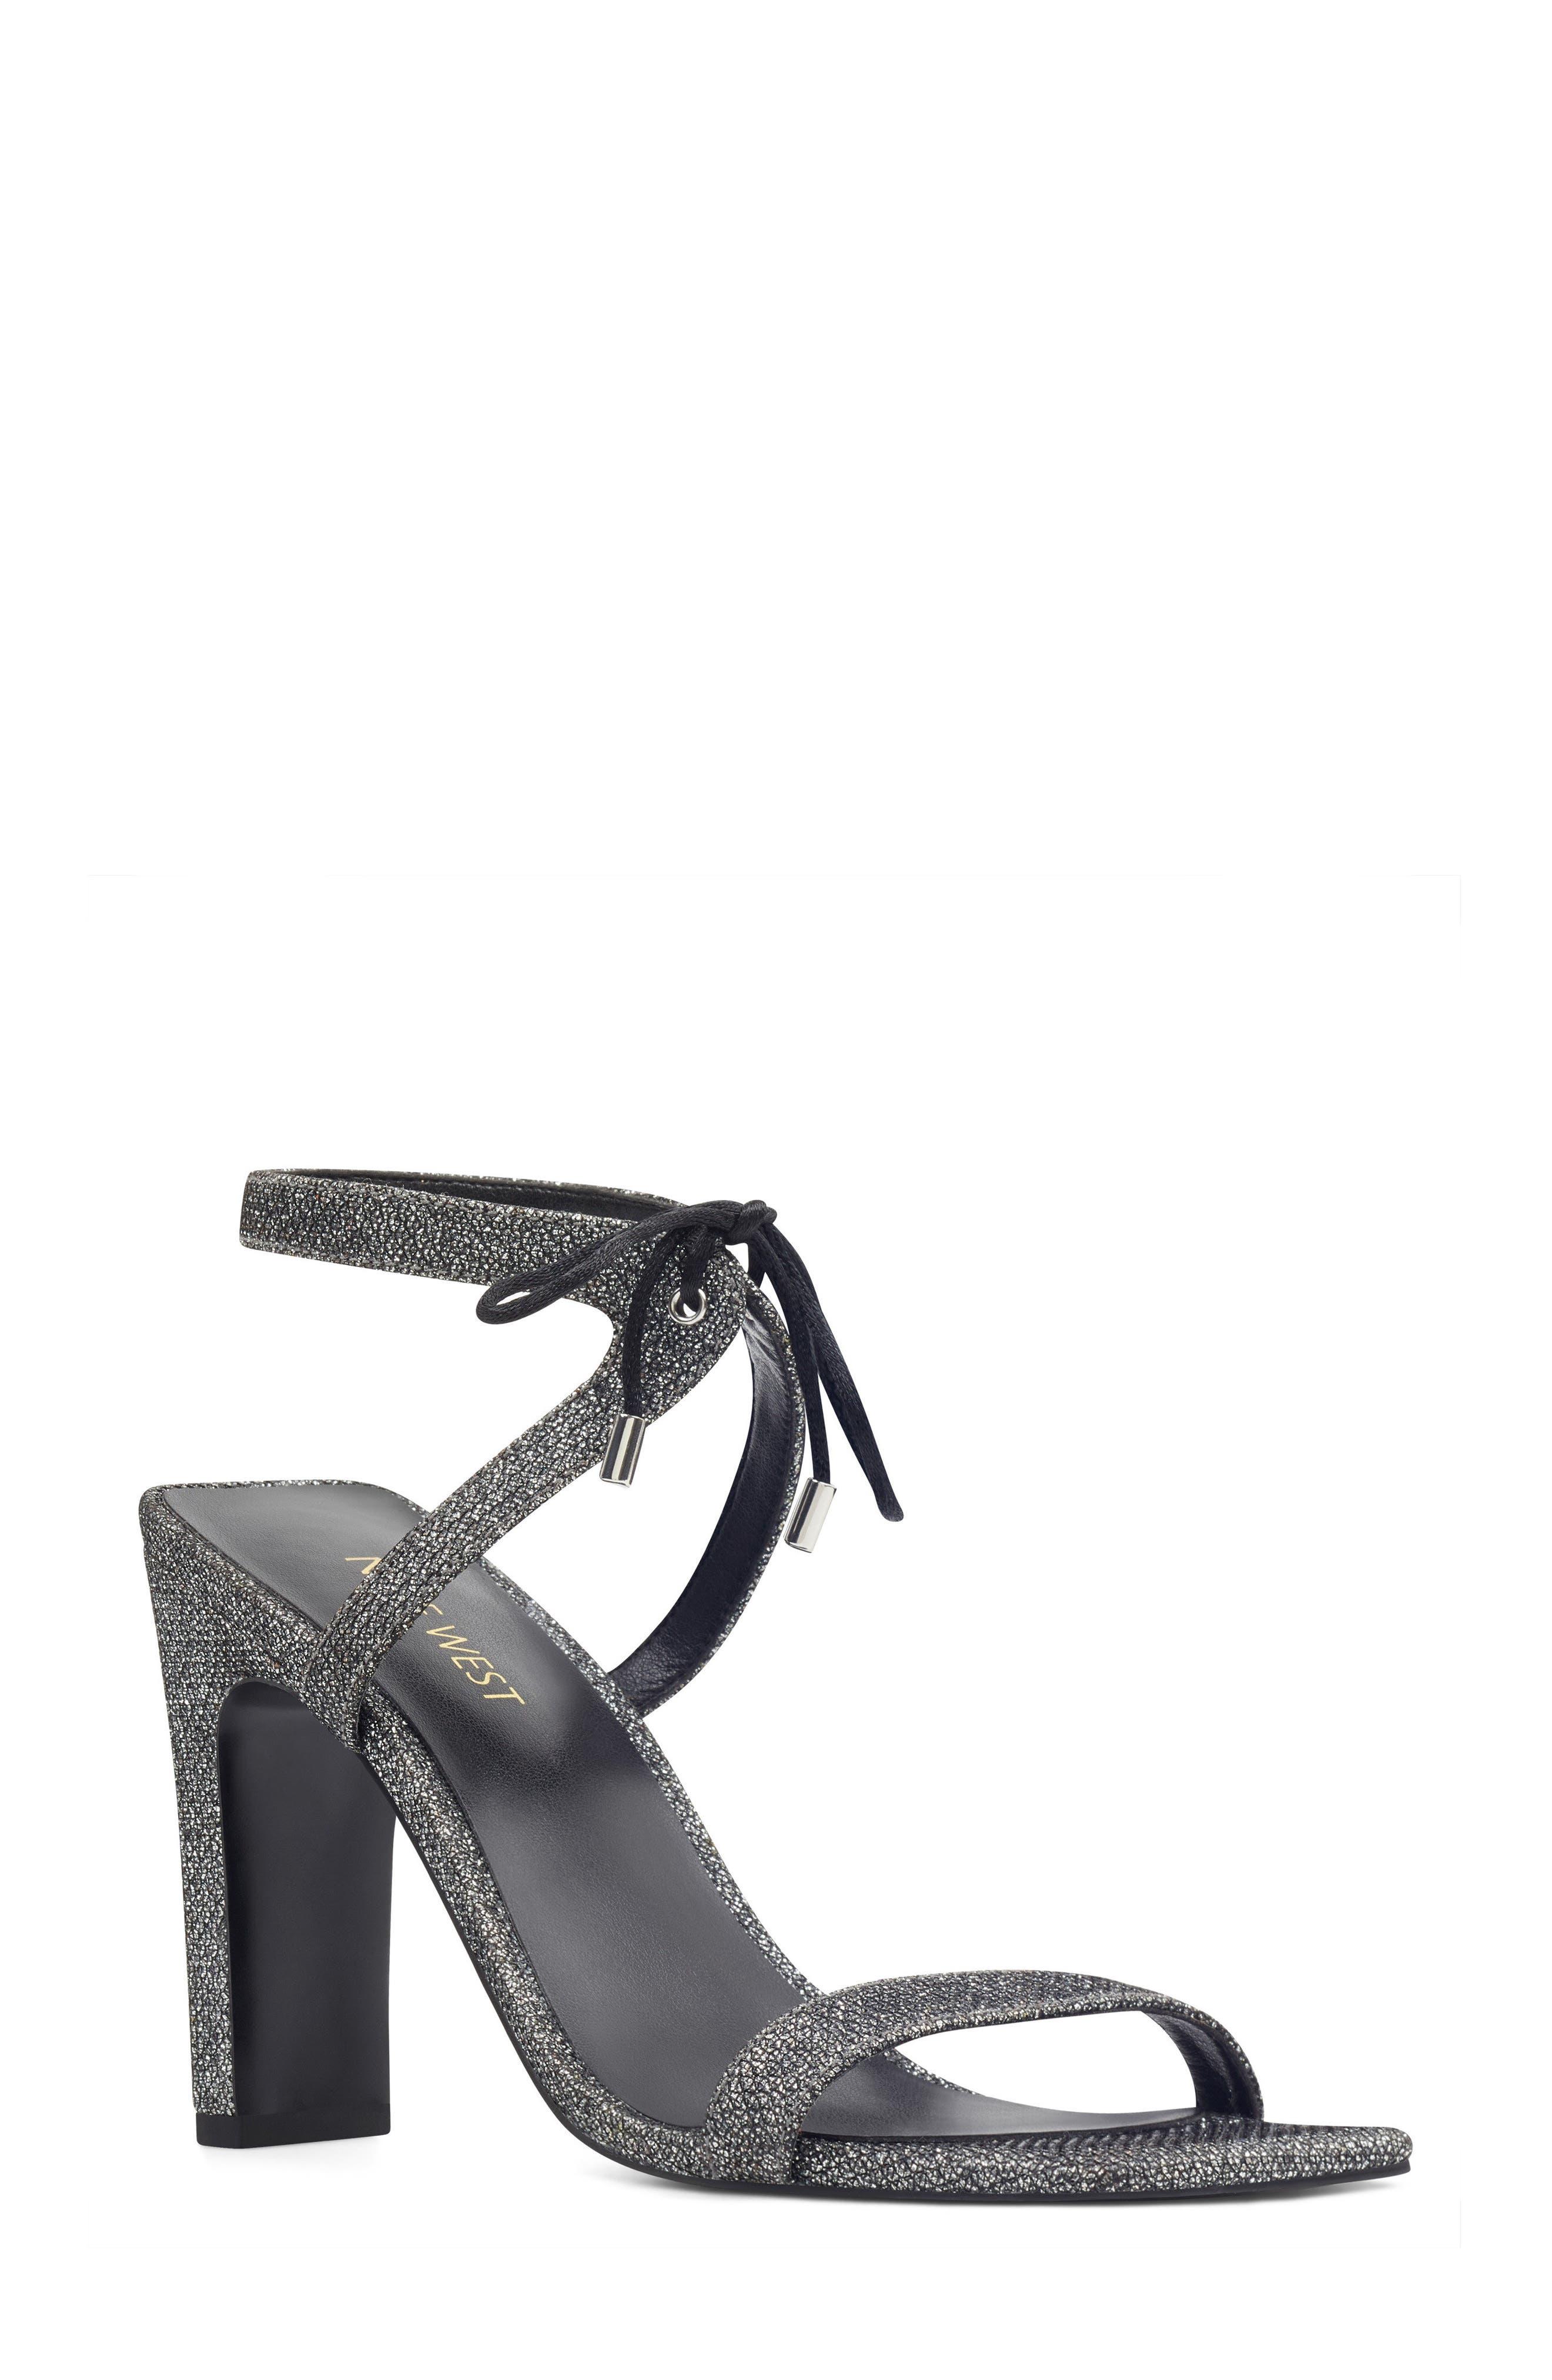 Longitano Squared Toe Sandal,                             Main thumbnail 1, color,                             Black/ Silver Fabric